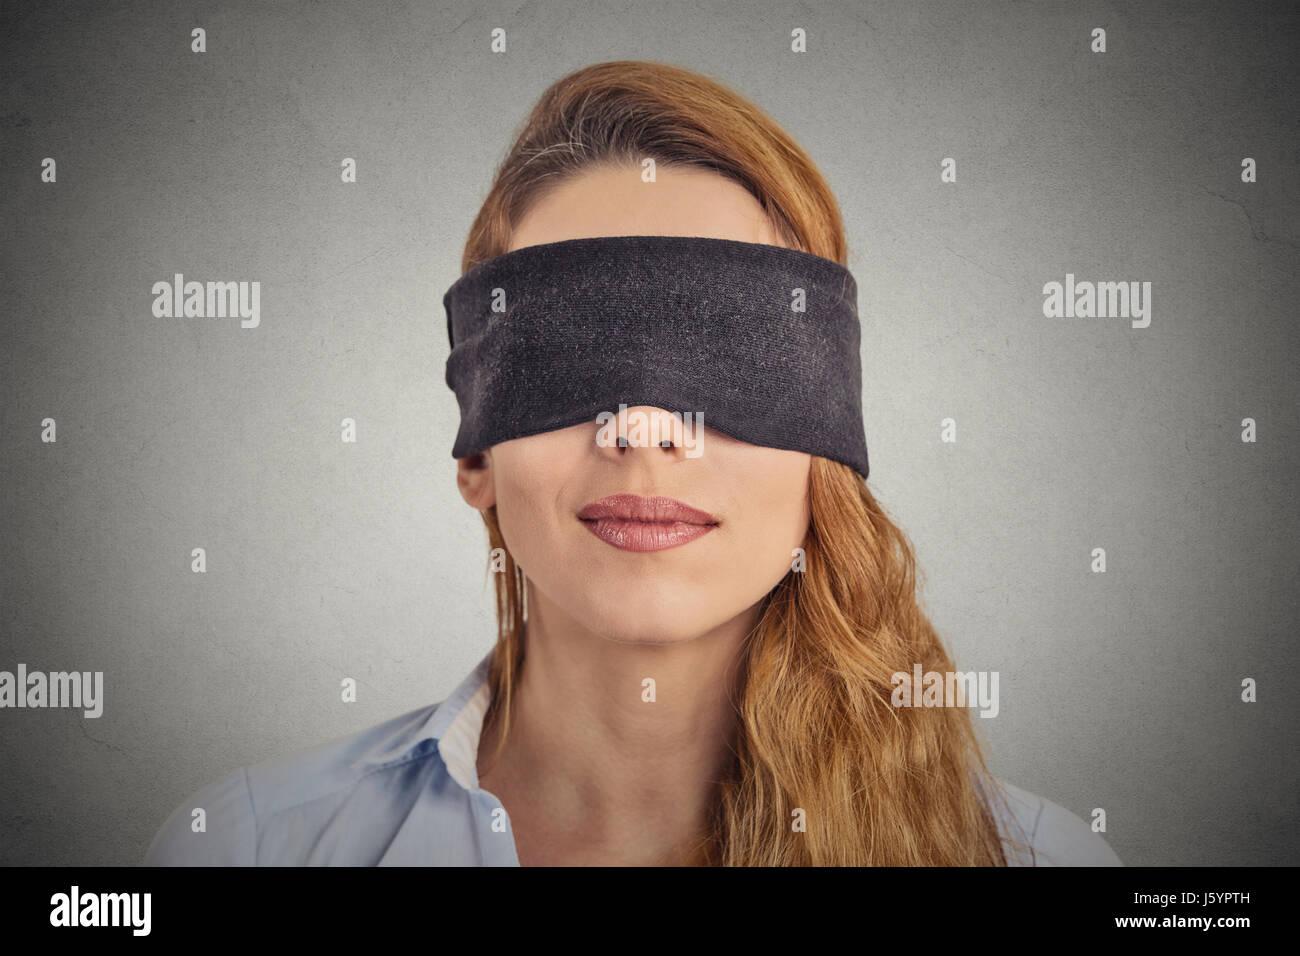 Femme aux cheveux rouges, les yeux bandés Banque D'Images